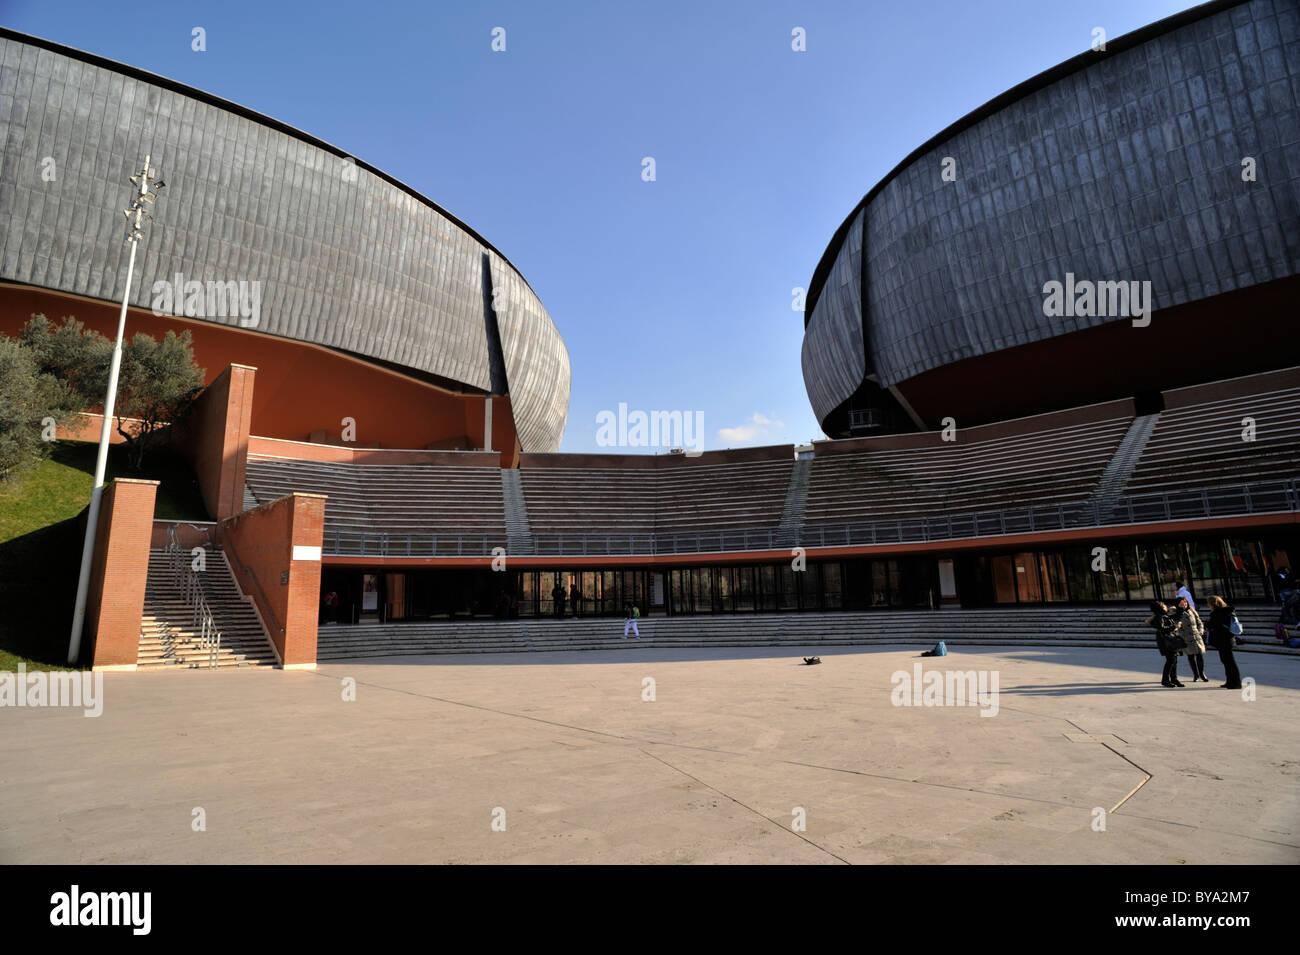 Italia, Roma, el auditorio Parco della Musica, el arquitecto Renzo Piano Imagen De Stock